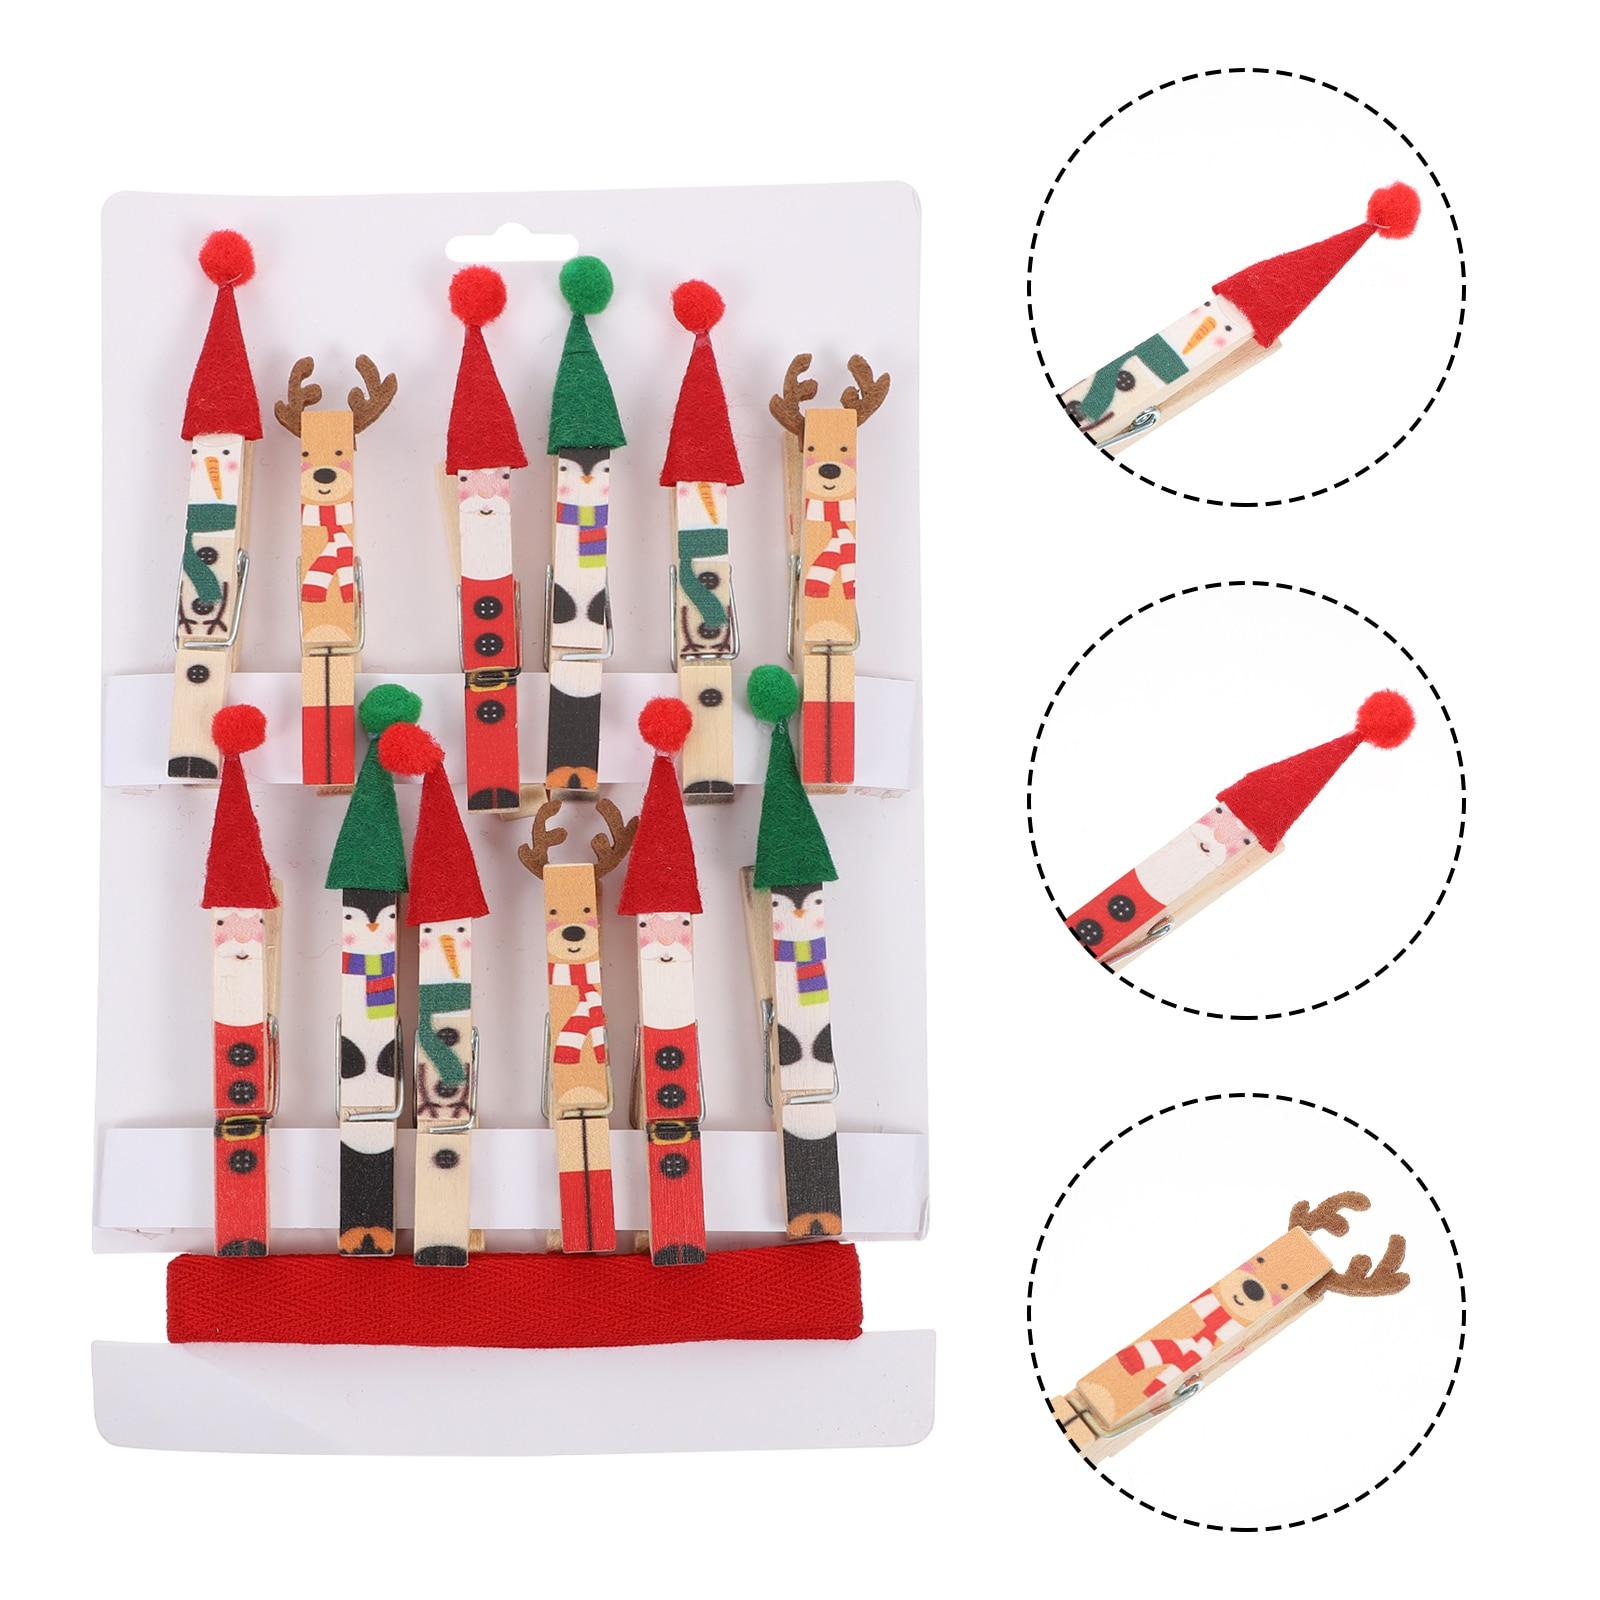 1 Набор креативных прищепки для фото, рождественские деревянные зажимы, фото зажимы Вечерние